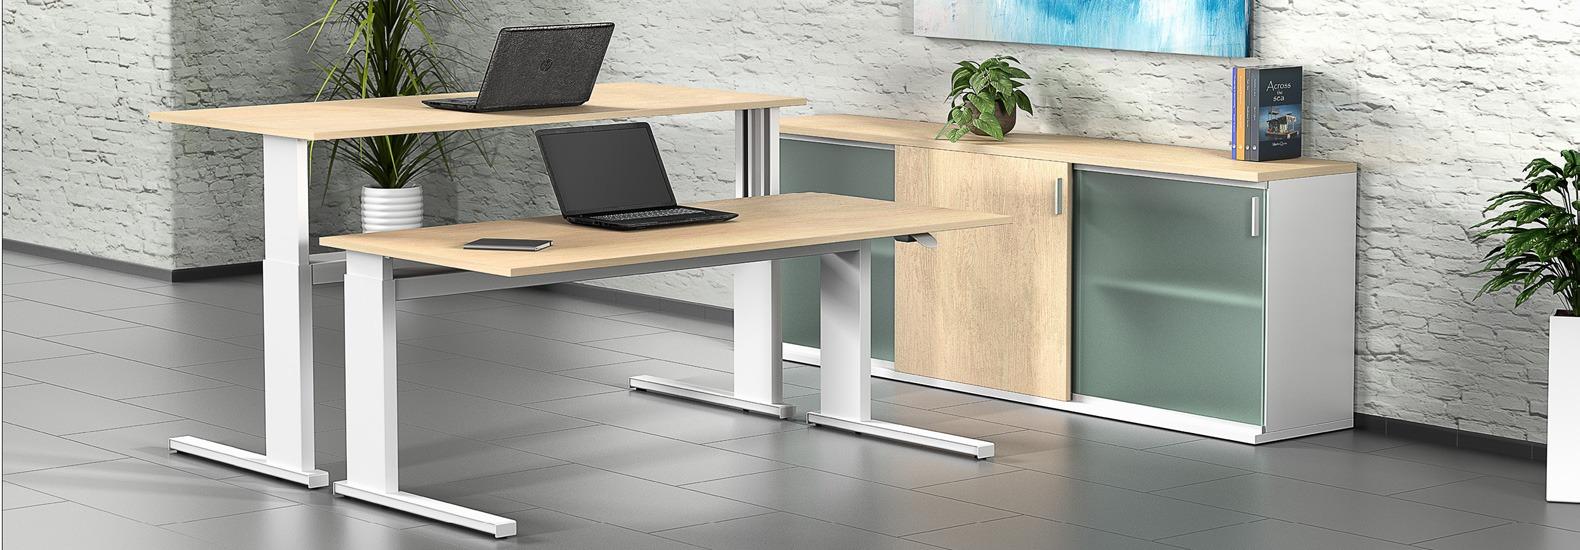 Leuwico iMove S bei oo42.de! Als Premiumhersteller für ergonomische Arbeitsplätze liefert LEUWICO seit beinahe 100 Jahren hochwertige, höhenverstellbare Schreibtische und Büromöbel.